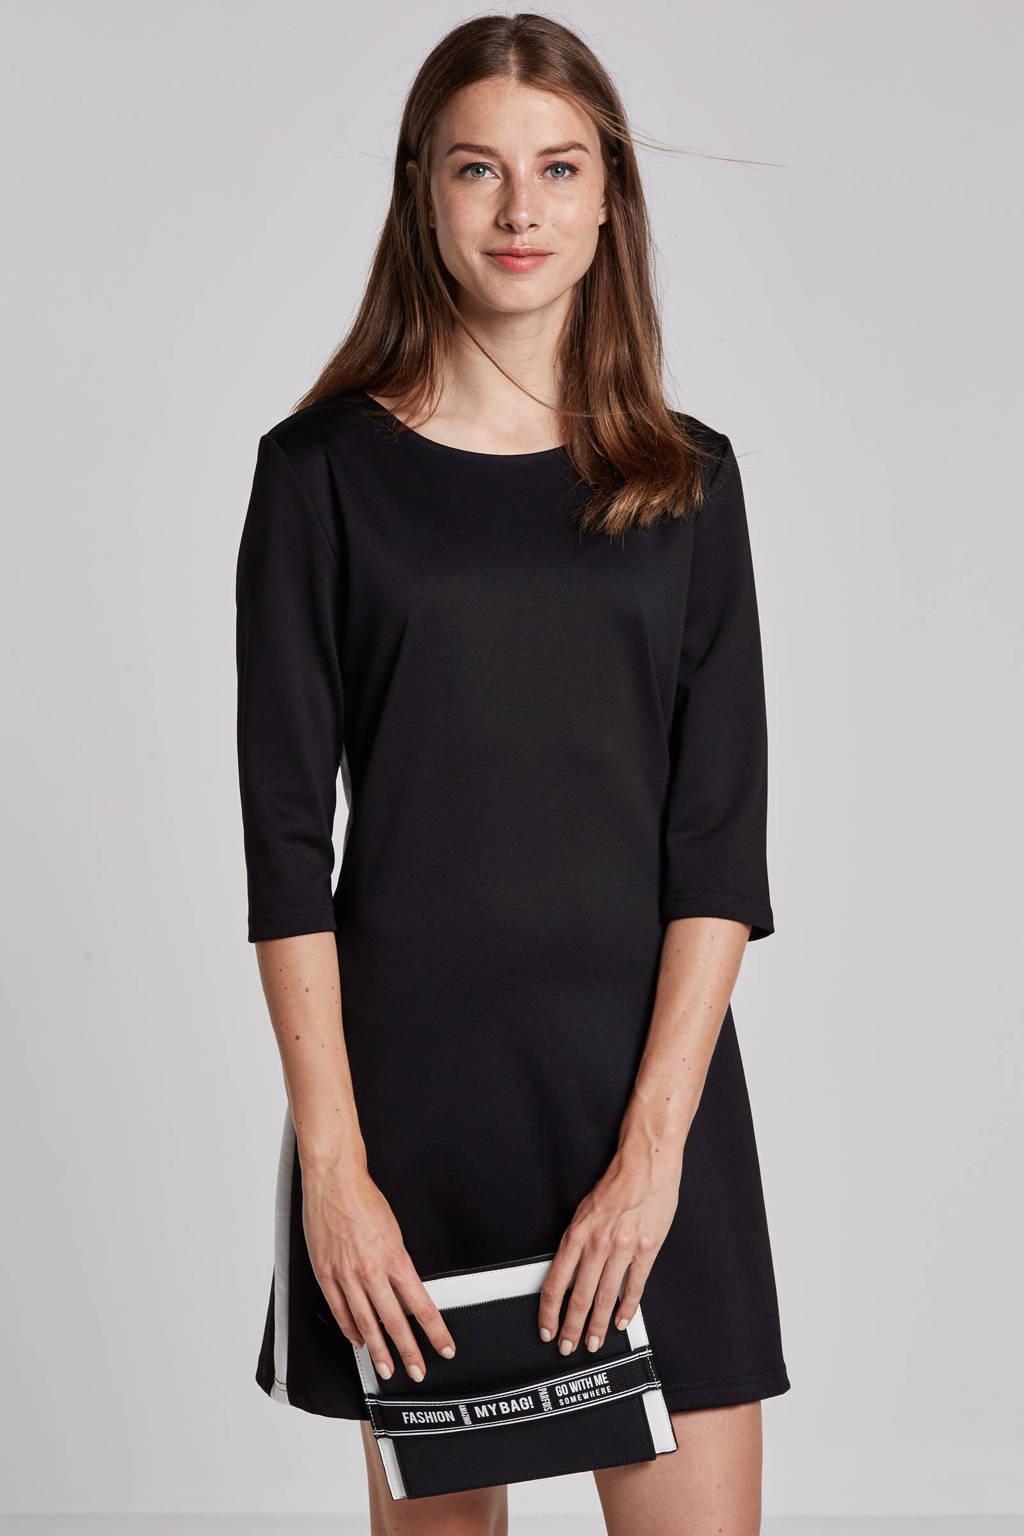 Uitgelezene ONLY jurk met bies | wehkamp LY-96